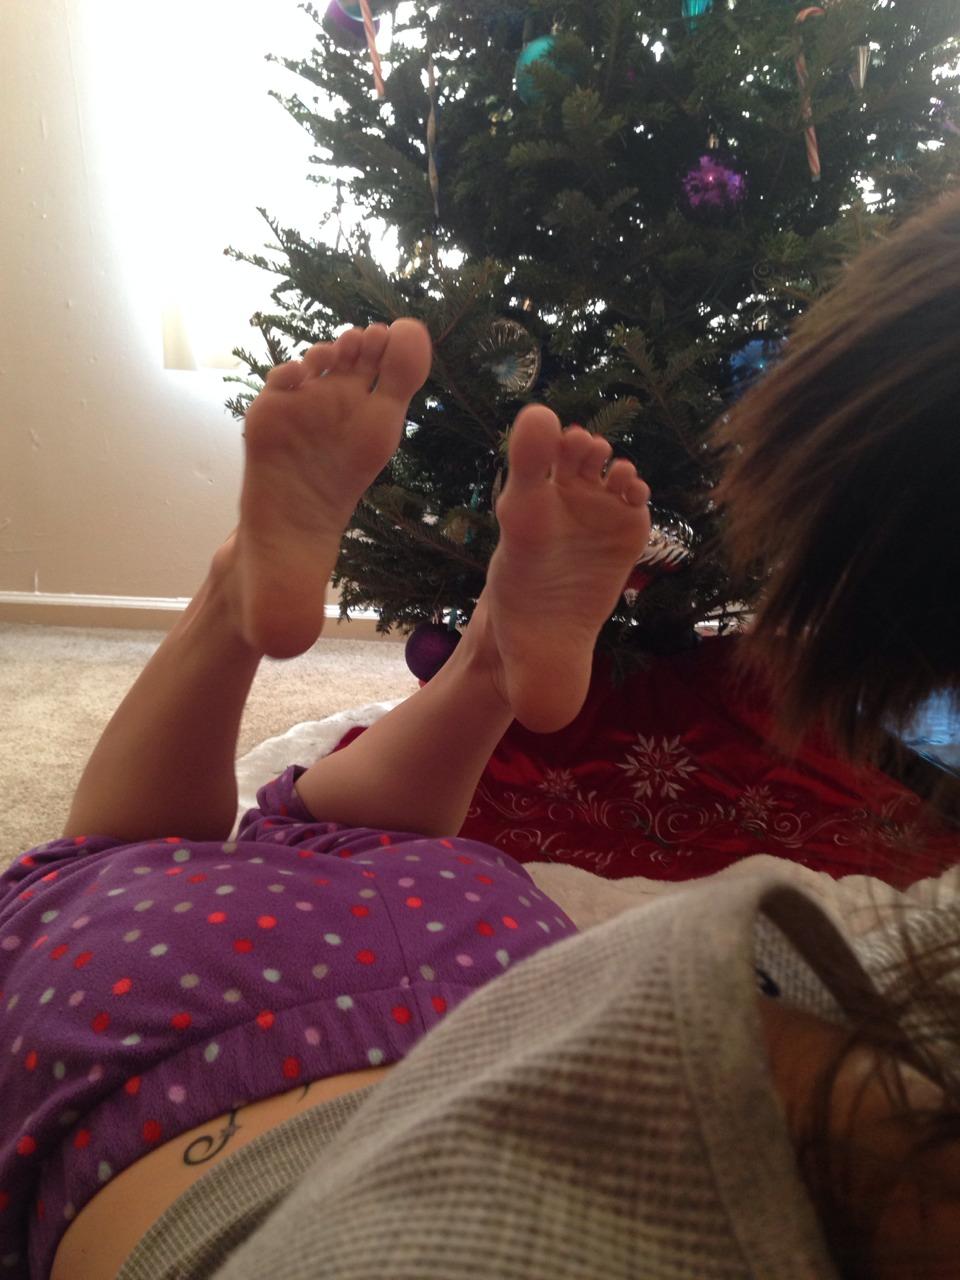 image sexe pieds porno 14